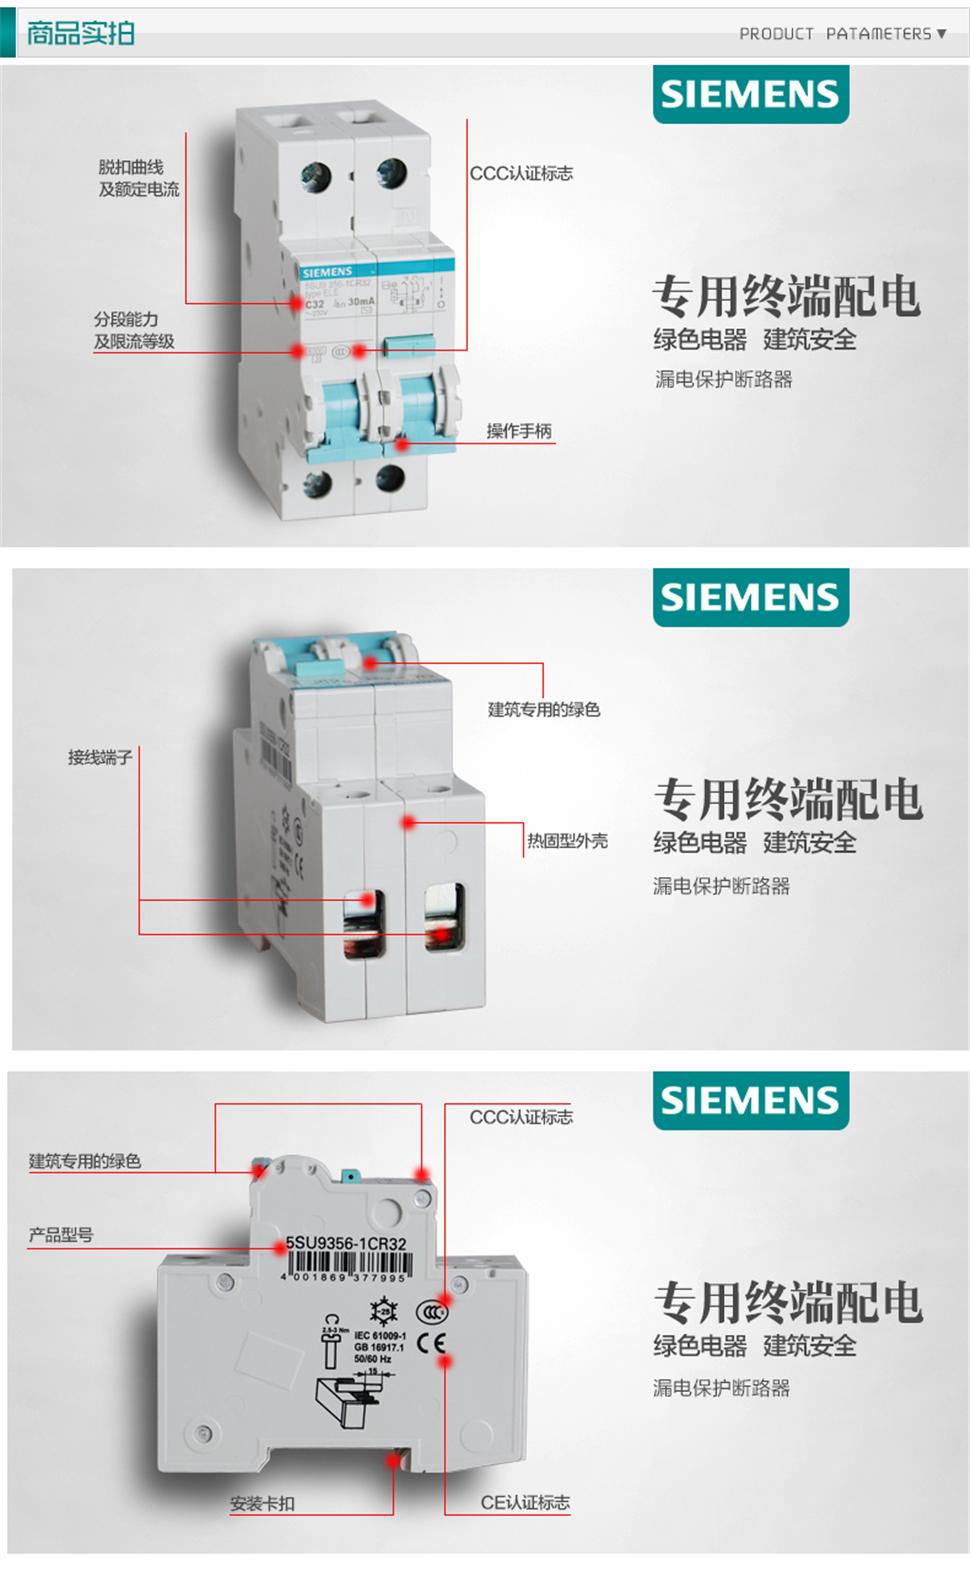 西门子漏电保护器1p32a空气开关断路器绿色环保系列